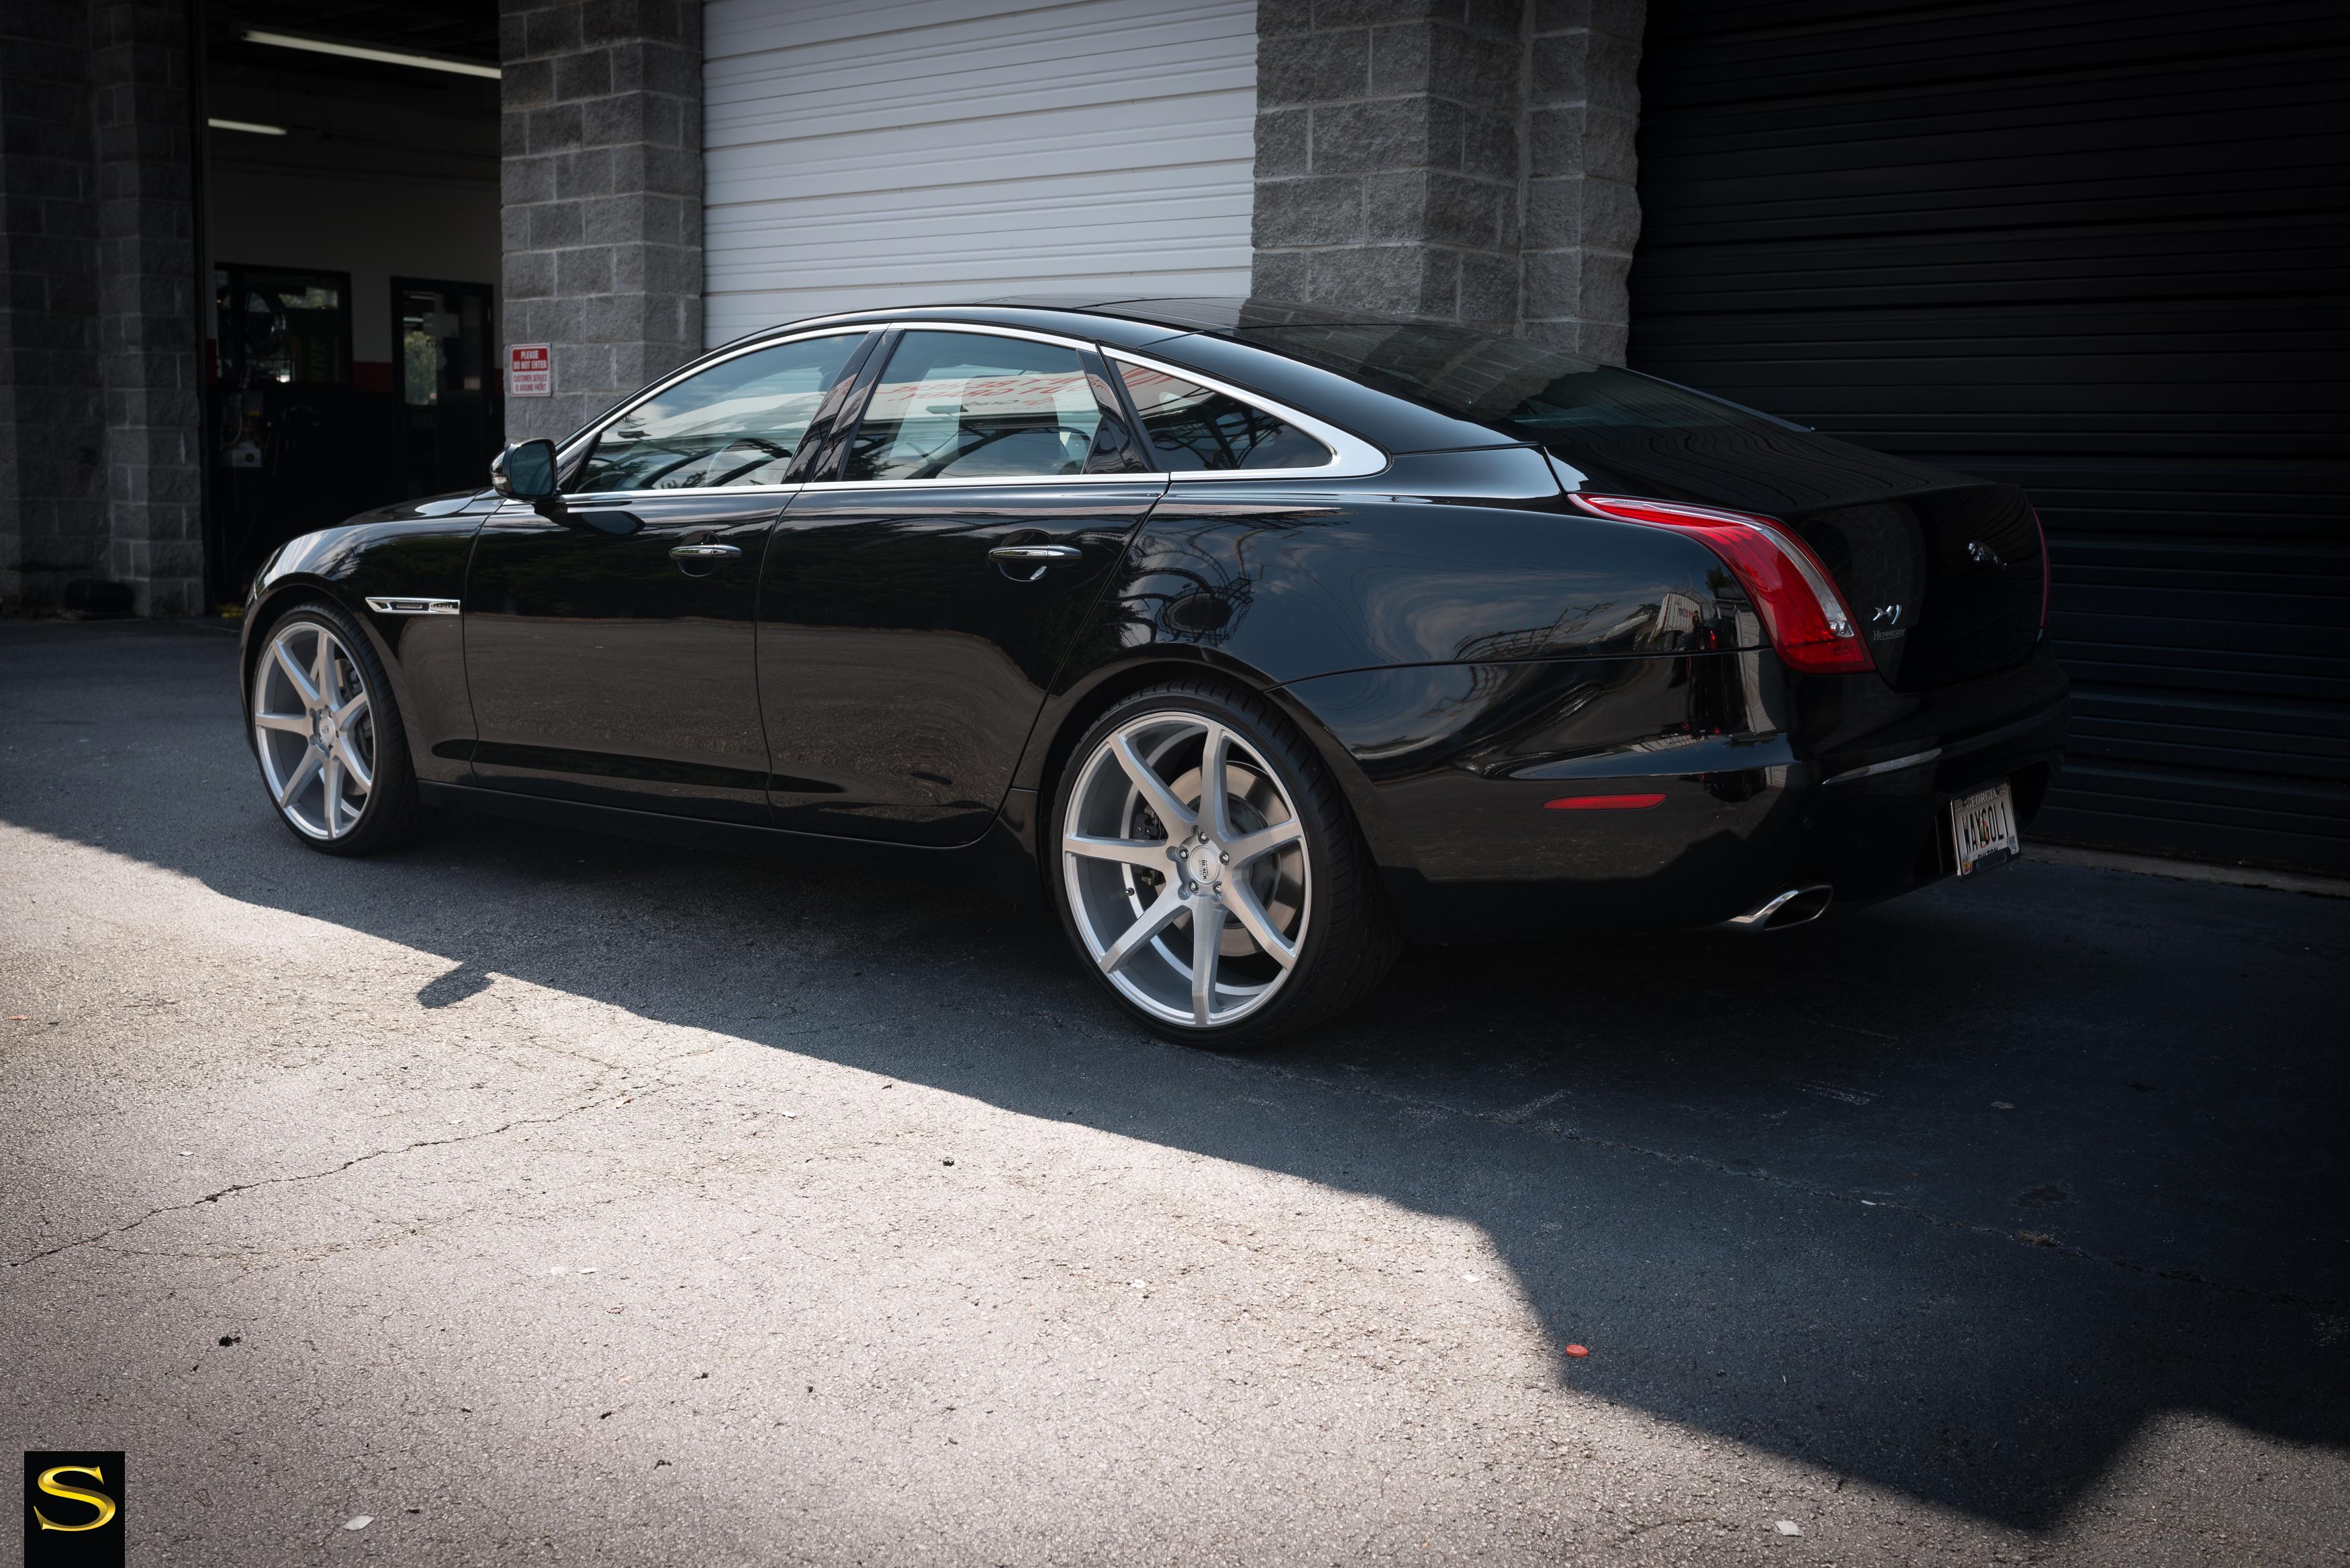 xjr cars speed xj top jaguar